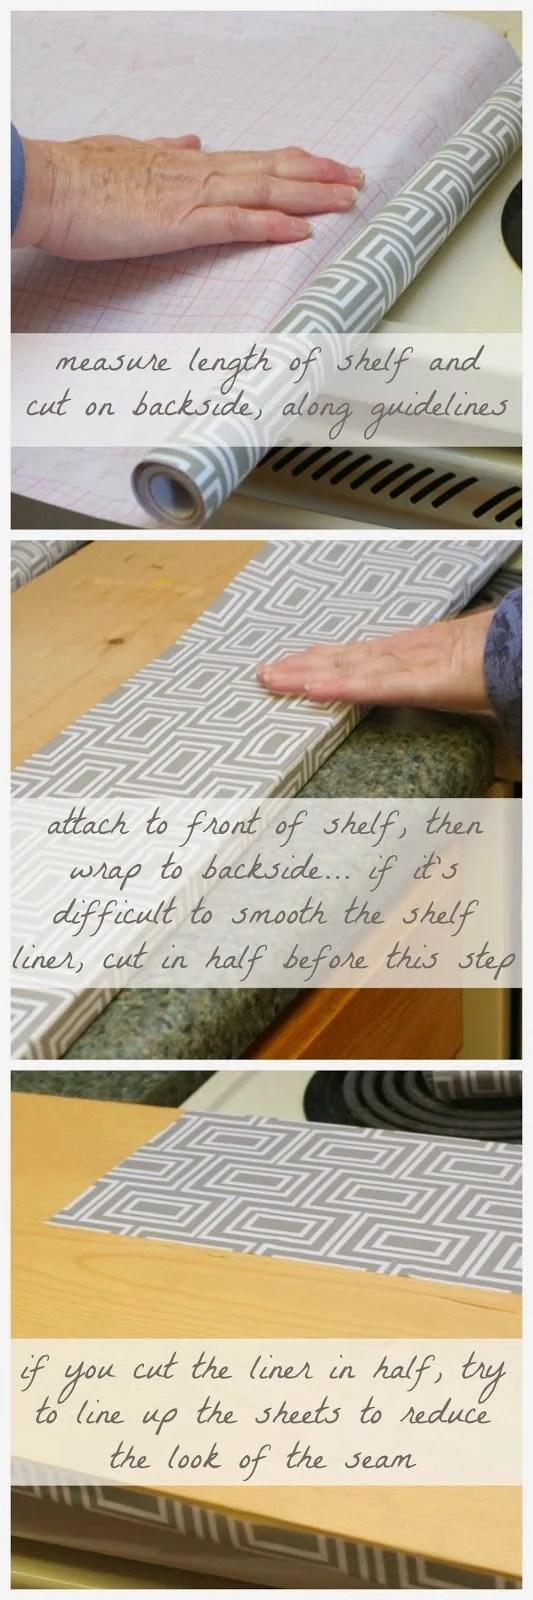 tips for applying shelf liner, Craftivity Designs on Remodelaholic